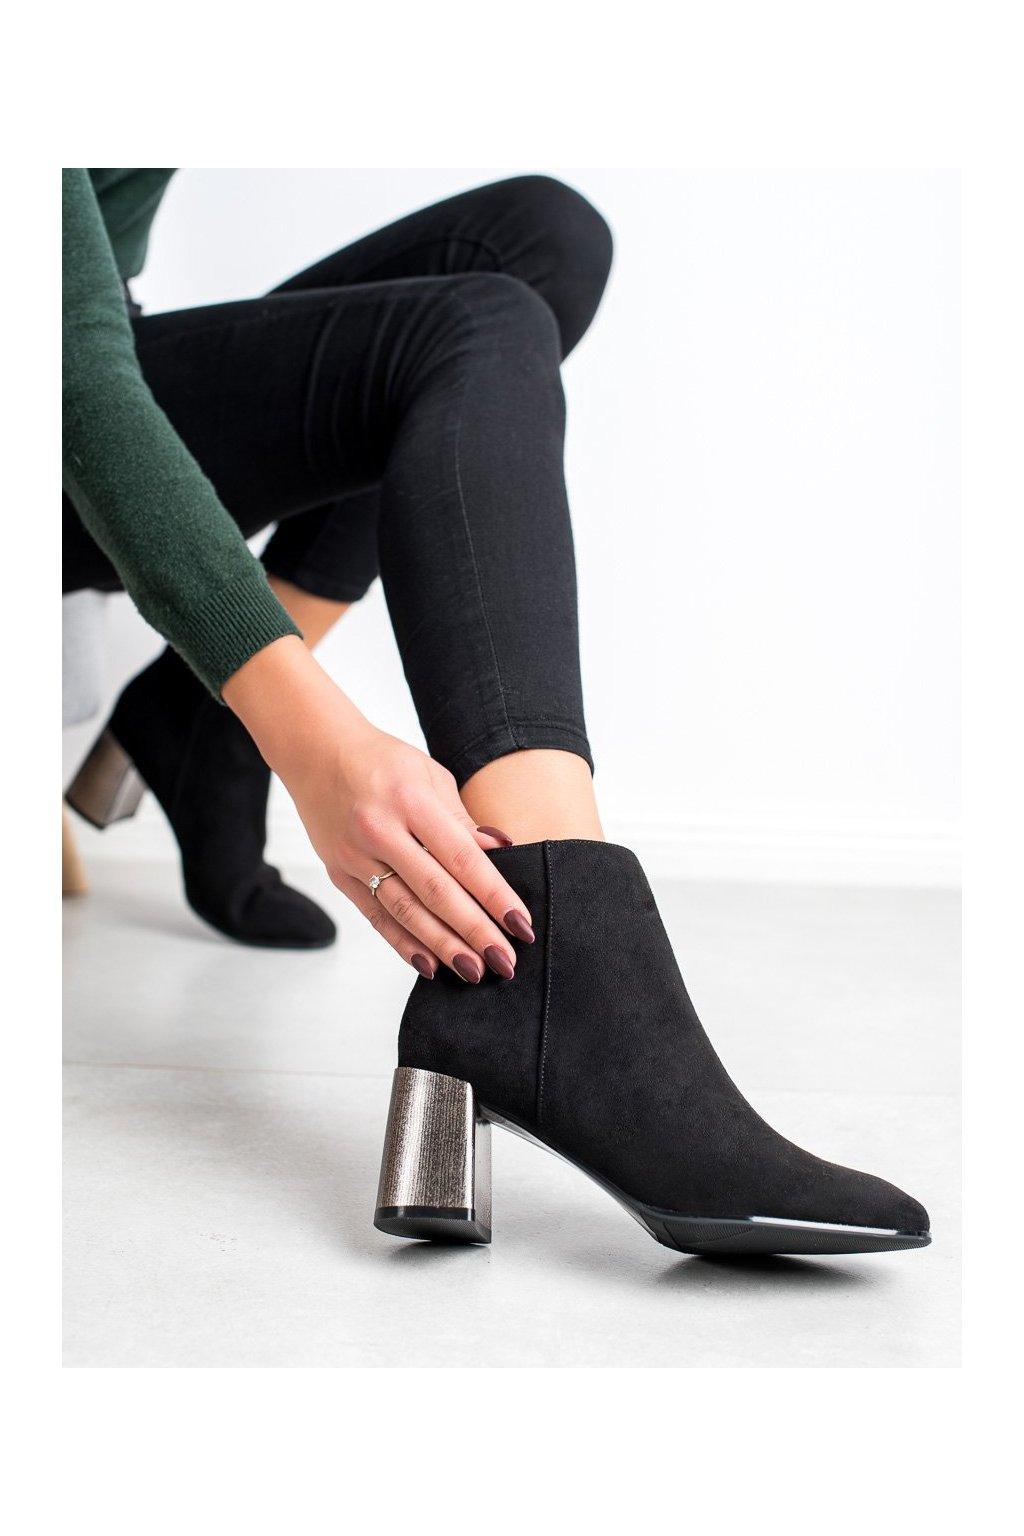 Čierne dámske topánky Goodin kod KW-12B